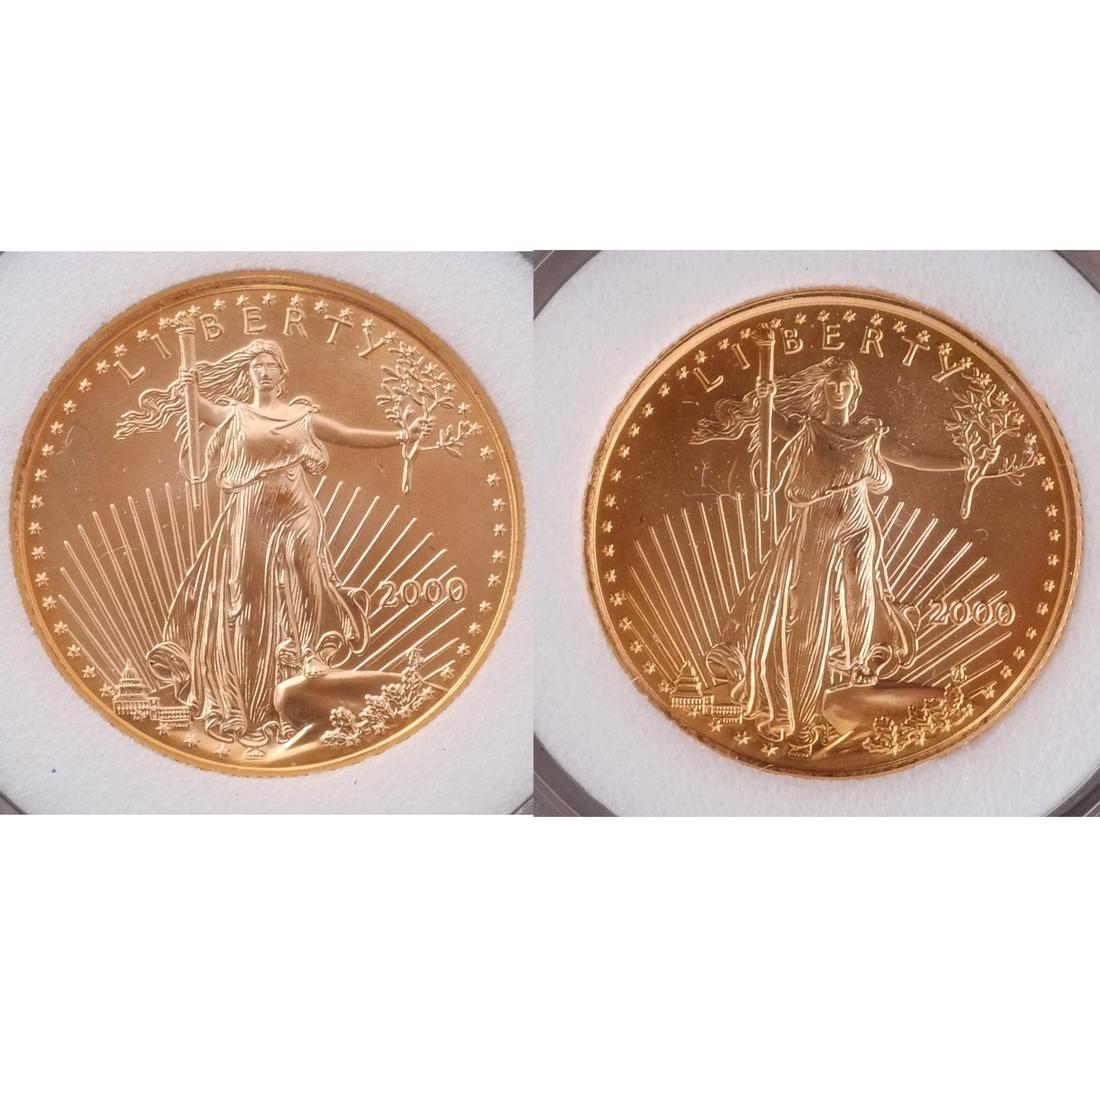 2 Gold Eagles